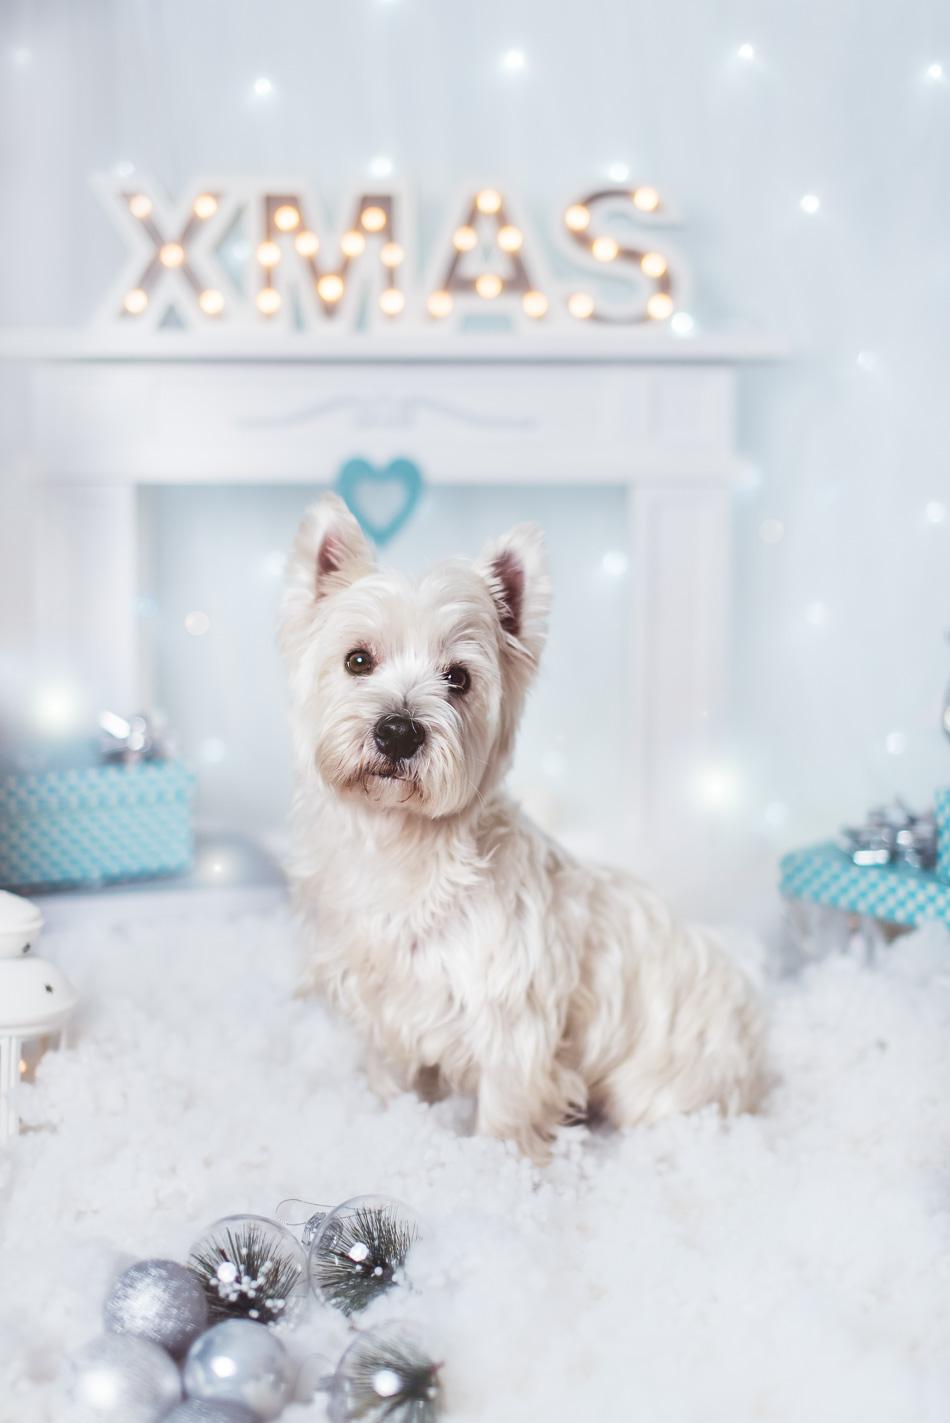 piesek west highland white terrier na sesji świątecznej na tle kominka